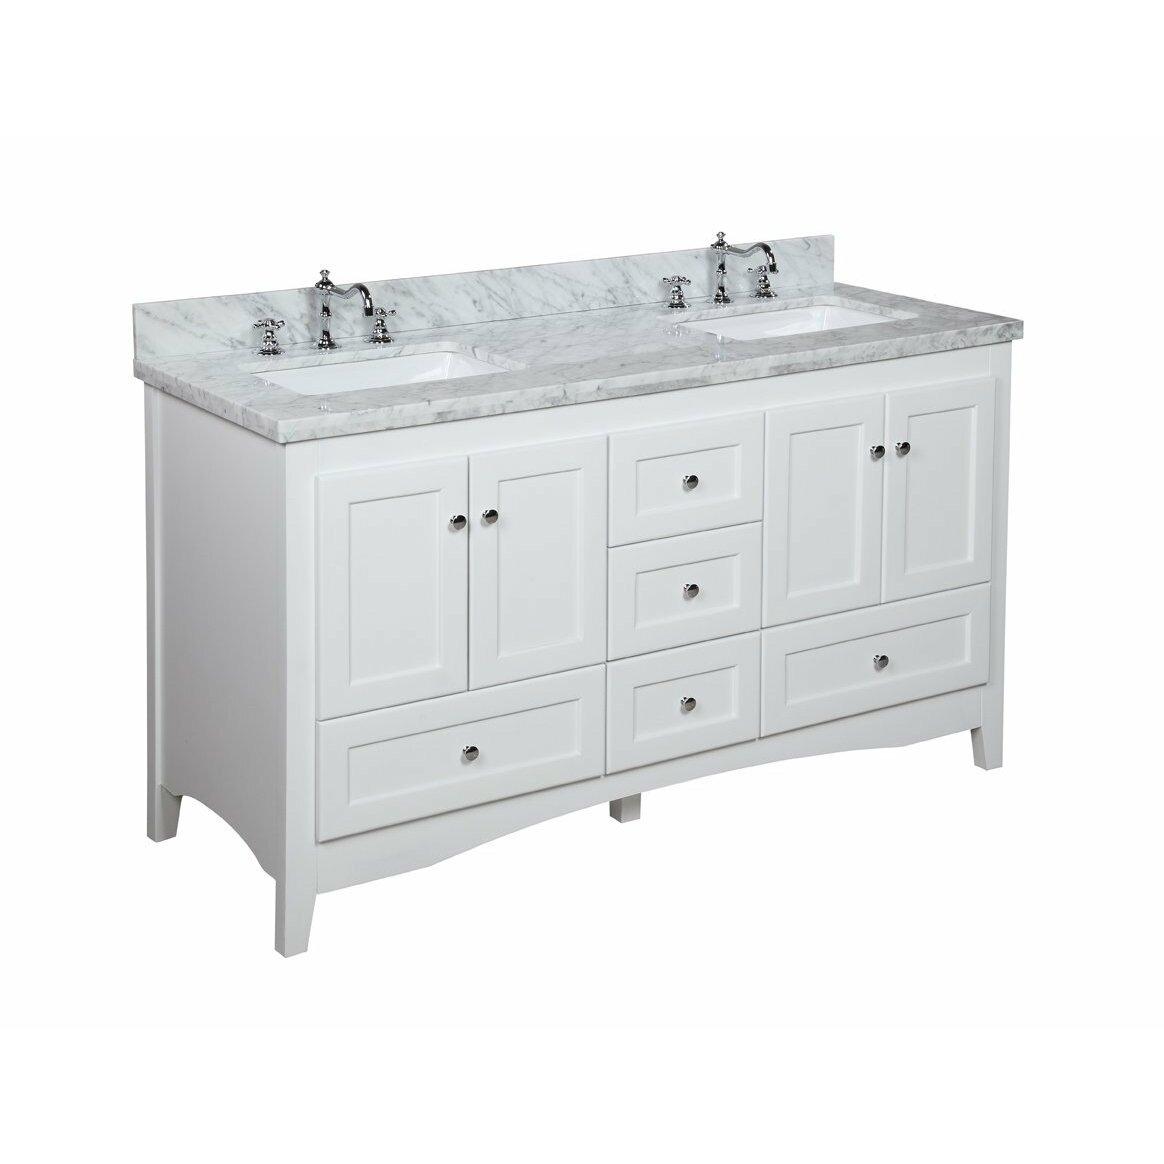 Bathroom Vanity Set Kbc Abbey 60 Double Bathroom Vanity Set Reviews Wayfair